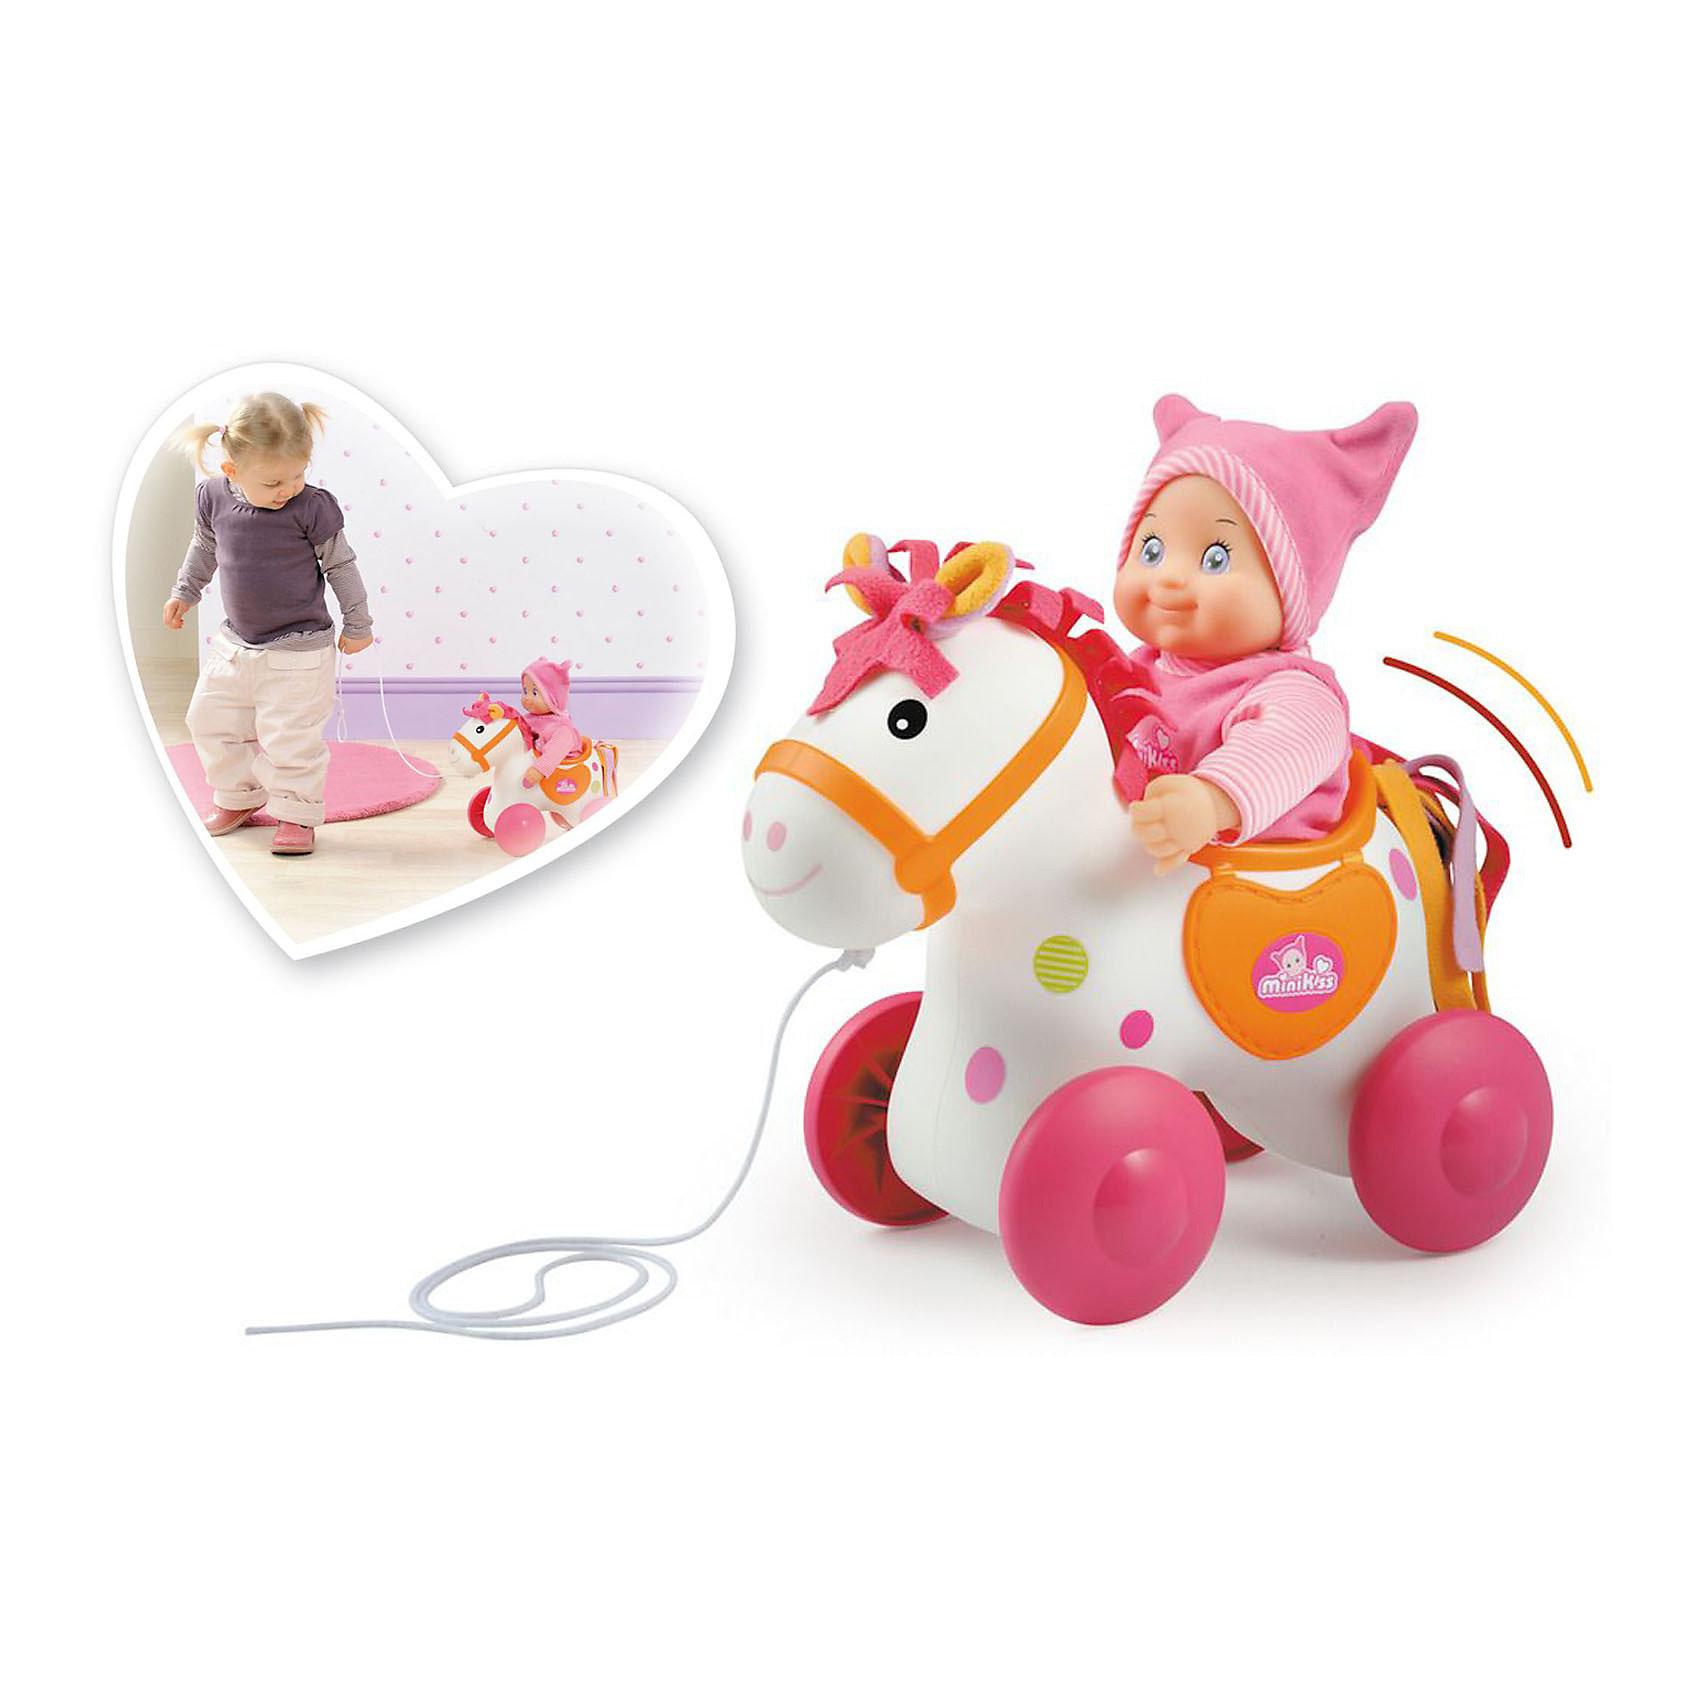 Smoby Лошадка для катания пупса Mini KissSmoby Лошадка для катания пупса Mini Kiss - симпатичная игрушка -каталка на веревочке для вашего ребенка. <br><br>Альтернатива обычным игрушкам- каталкам и привычным кукольным коляскам! <br><br>Симпатичная маленькая лошадка создана специально для катания пупса Mini Kiss (пупс в комплект не входит), но также с удовольствием покатает и другие любимые игрушки вашего ребенка, подходящие по размеру.<br><br>Лошадка-каталка выполнена в приятных пастельных цветах.<br><br>Дополнительная информация:<br><br>- Материал: высококачественная пластмасса. <br>- Размер: 25 х 18 х 24 см.<br>- Пупс в комплект не входит.<br>- Подходит для кукол размером 30 см.<br><br>Интересная игрушка для вашего ребенка!<br><br>Ширина мм: 250<br>Глубина мм: 180<br>Высота мм: 240<br>Вес г: 530<br>Возраст от месяцев: 12<br>Возраст до месяцев: 1188<br>Пол: Женский<br>Возраст: Детский<br>SKU: 2357560